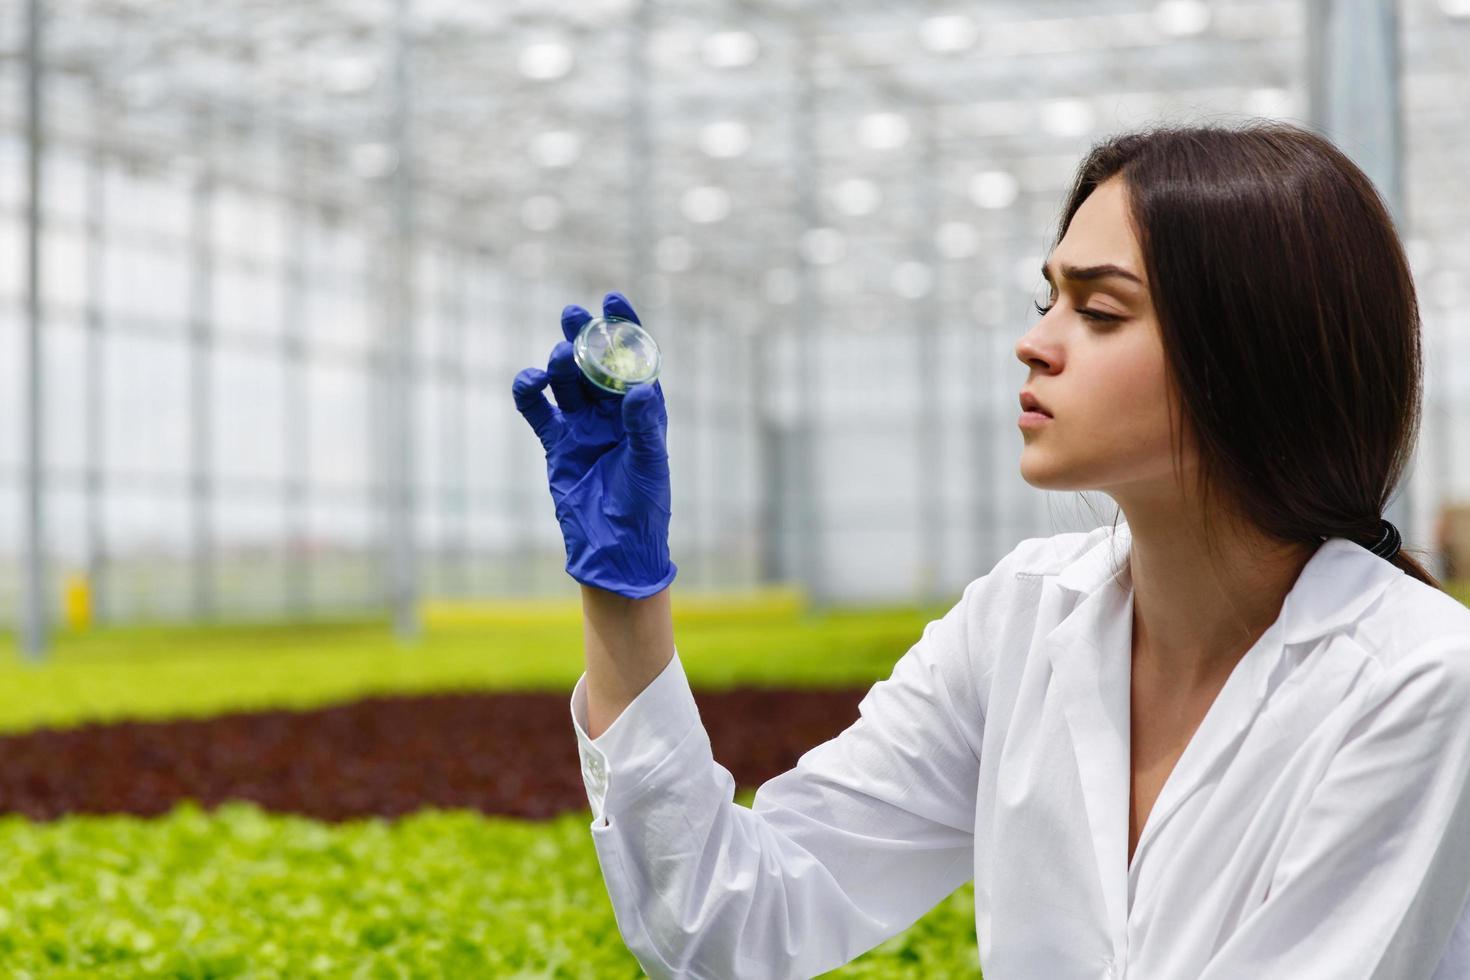 vrouwelijke onderzoeker kijkt naar een groen in petrischaal foto